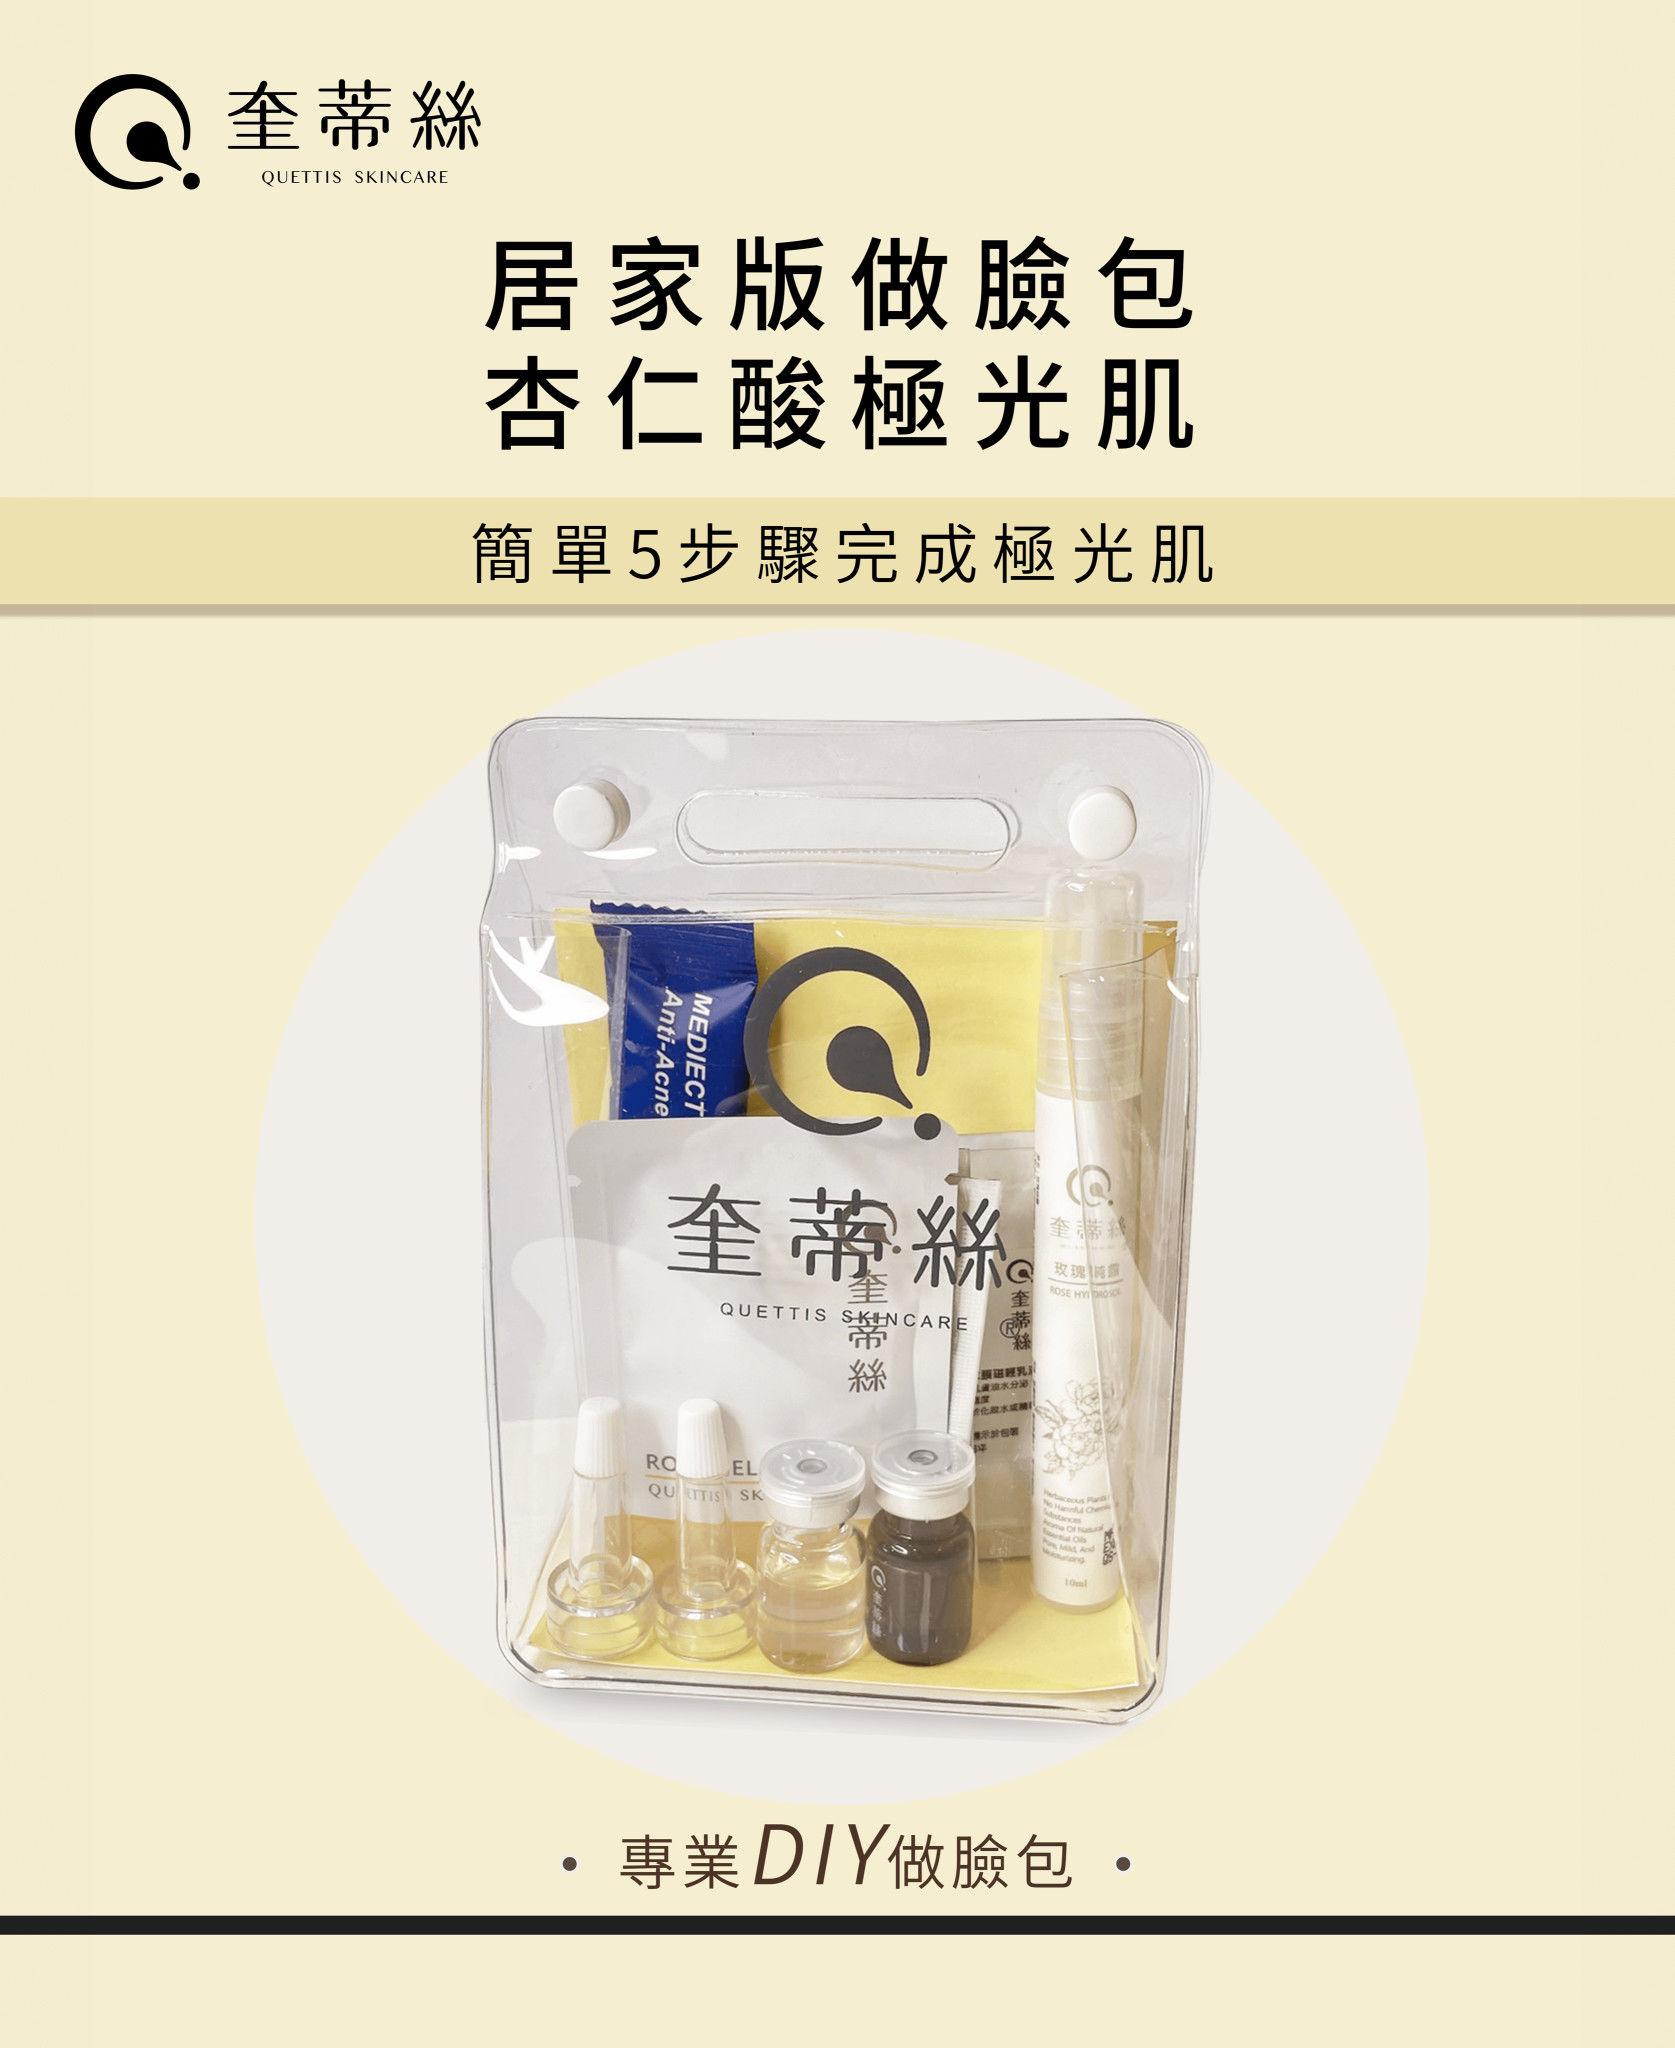 【奎蒂絲】在家也能簡單做臉!居家做臉包-零修復期杏仁酸達到極光肌!